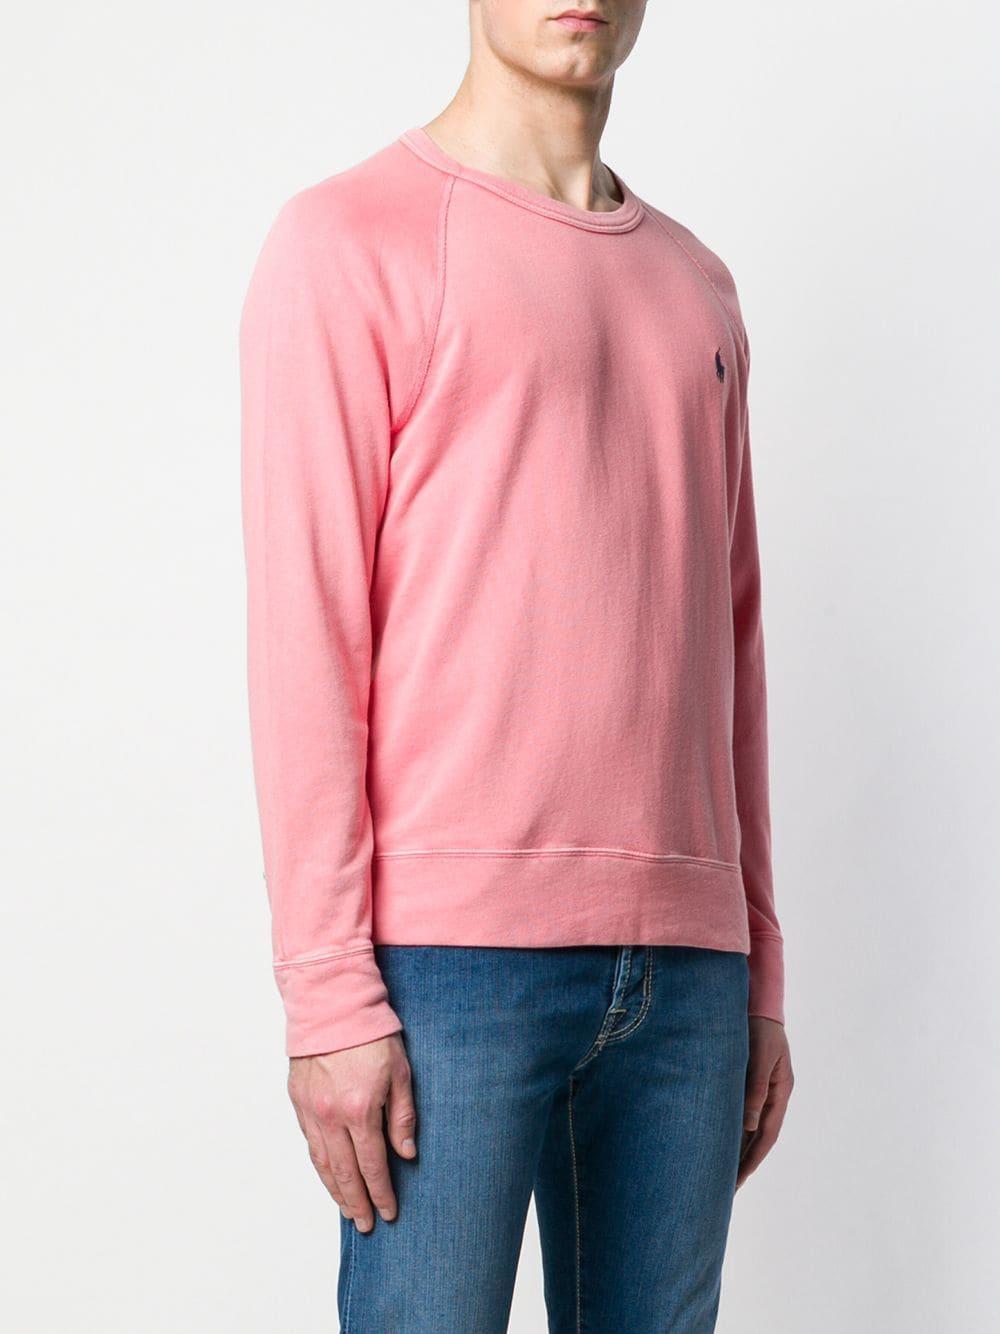 Lyst - Polo Ralph Lauren Hooded Sweatshirt in Gray for Men